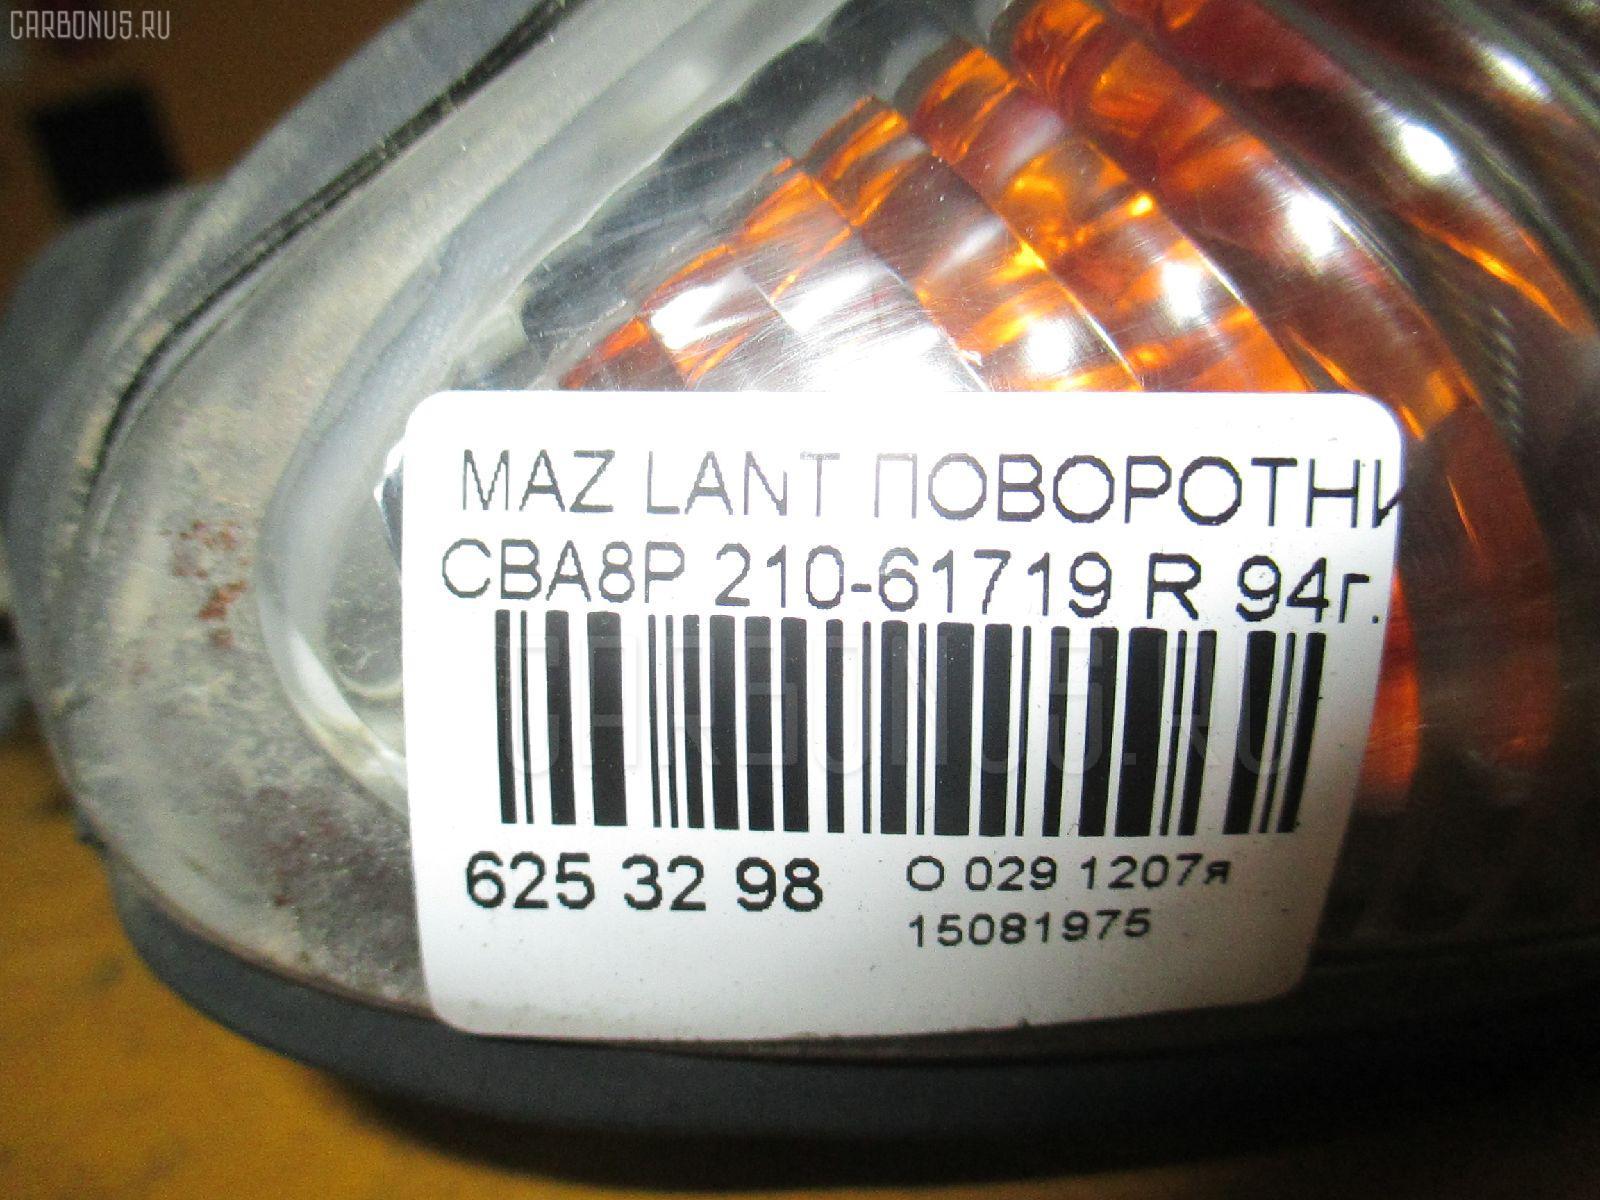 Поворотник к фаре MAZDA LANTIS CBA8P Фото 3